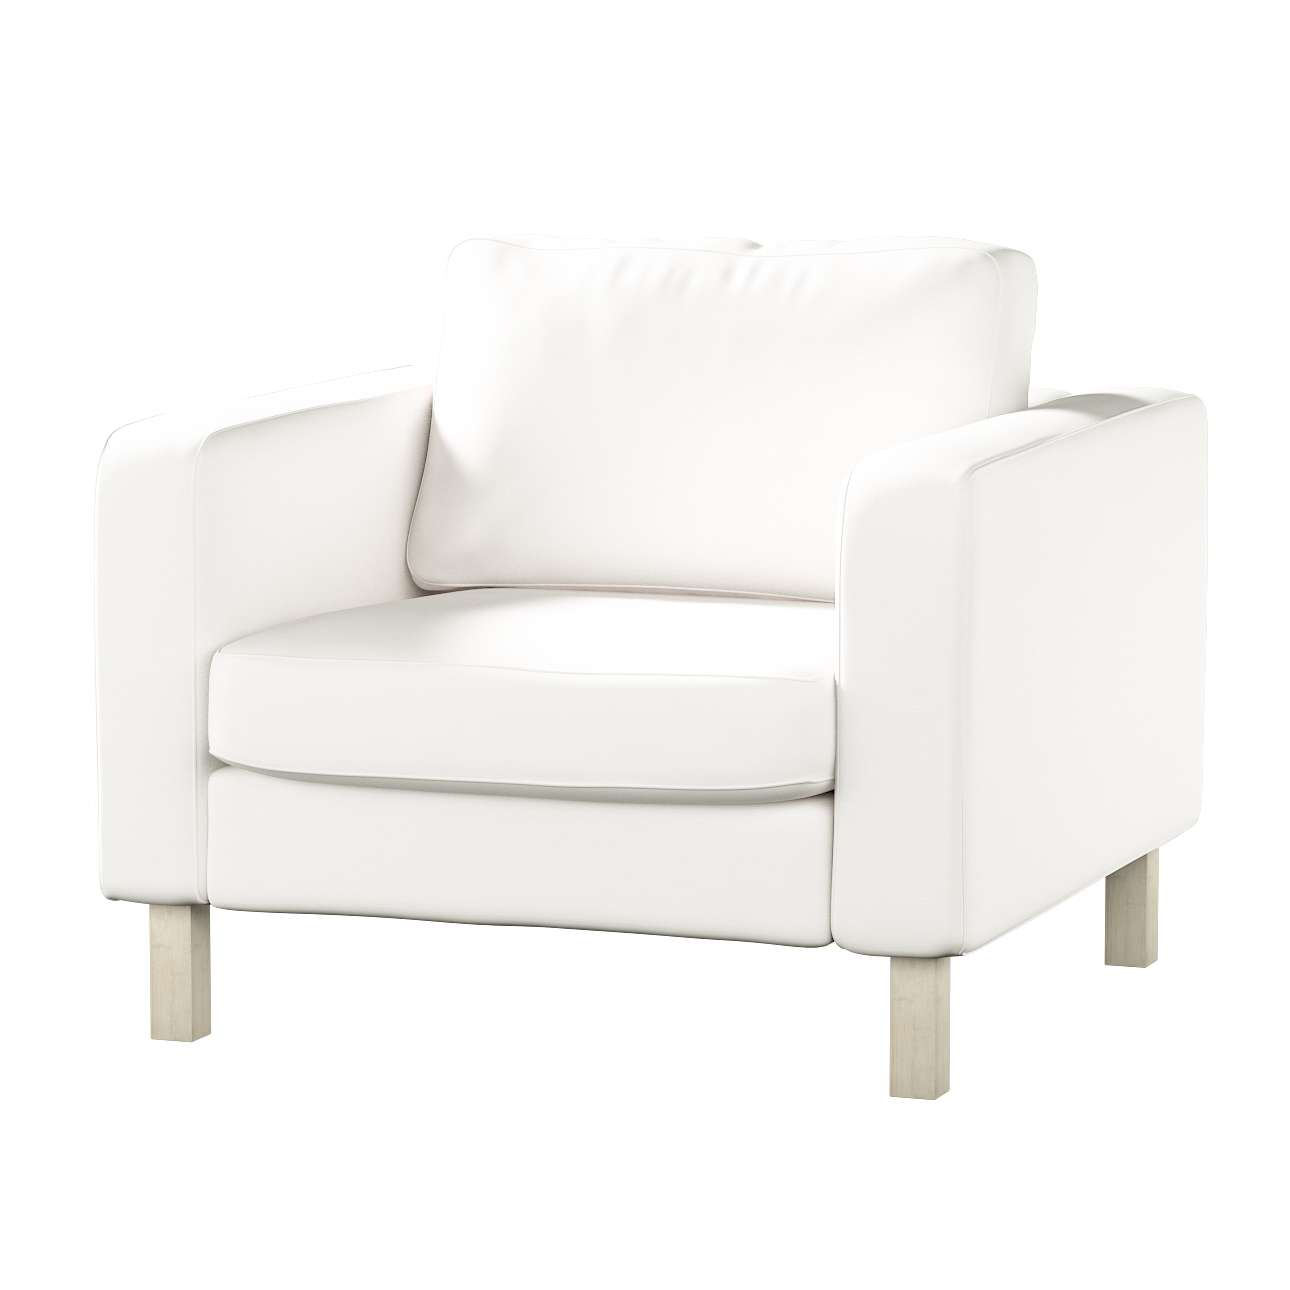 Karlstad fotelio užvalkalas Karlstad fotelio užvalkalas kolekcijoje Cotton Panama, audinys: 702-34